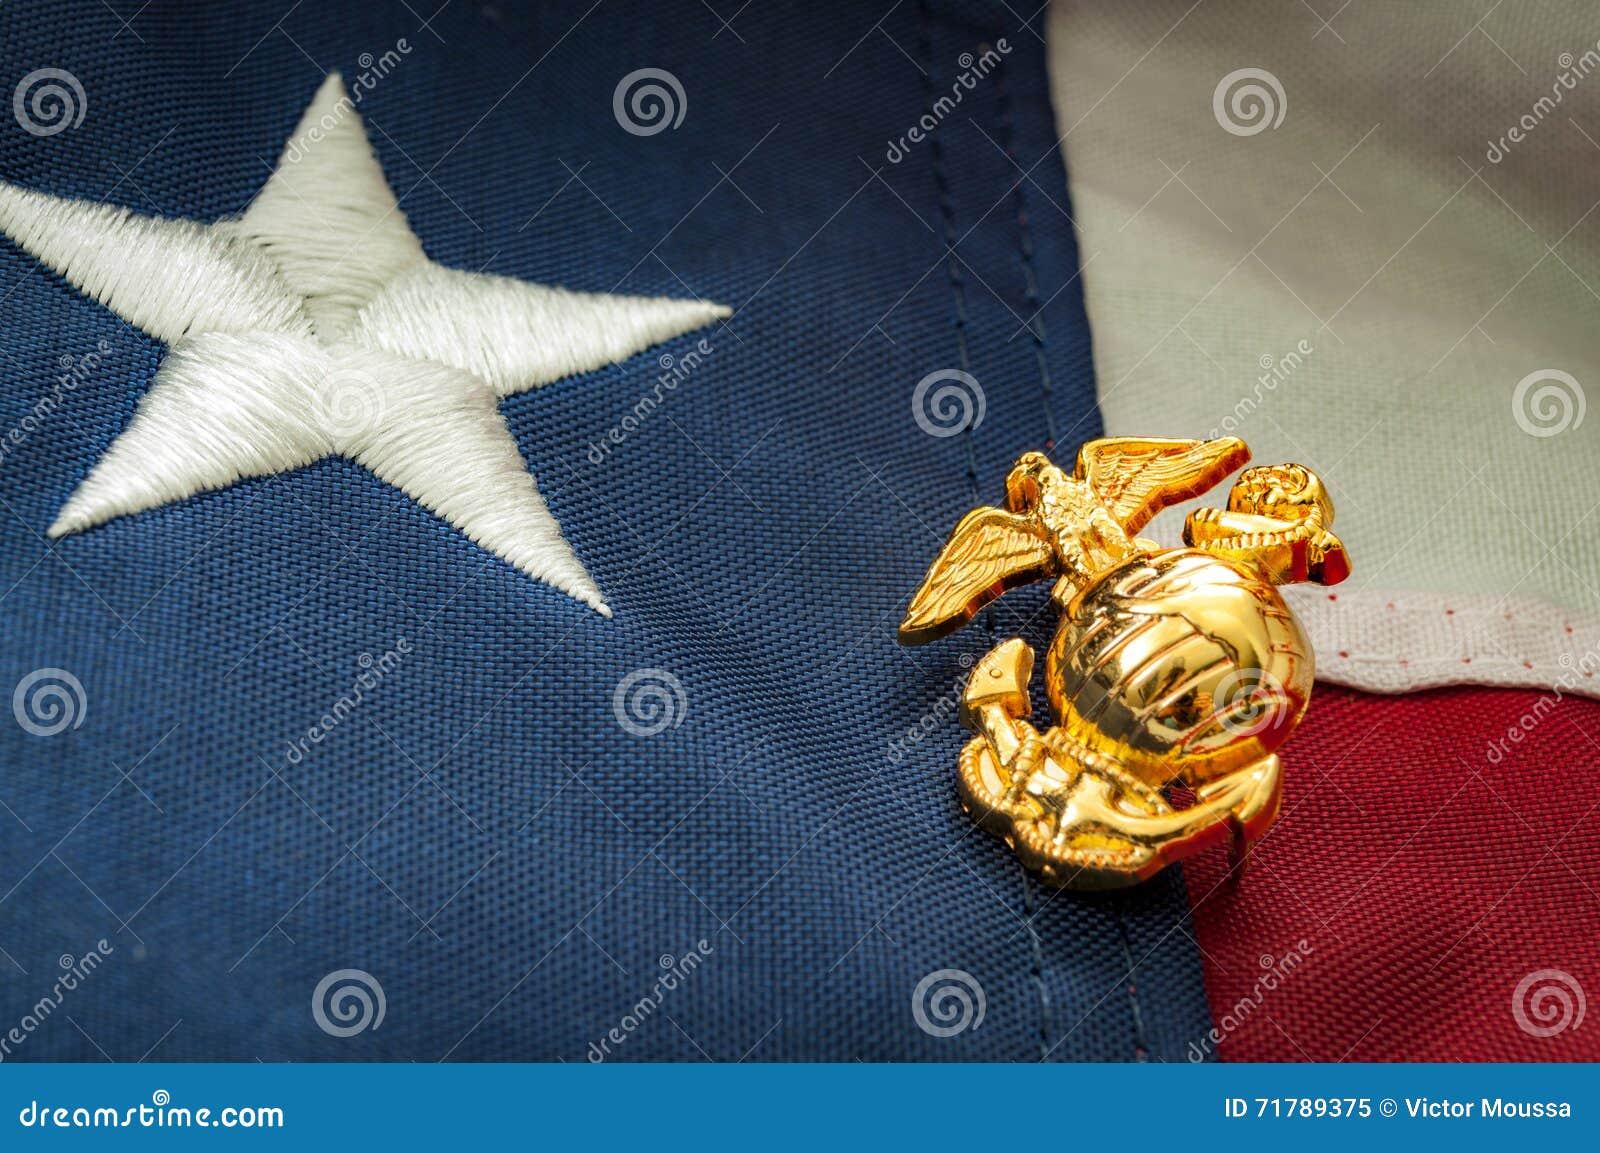 Emblema del Cuerpo del Marines de los E.E.U.U. y la bandera americana